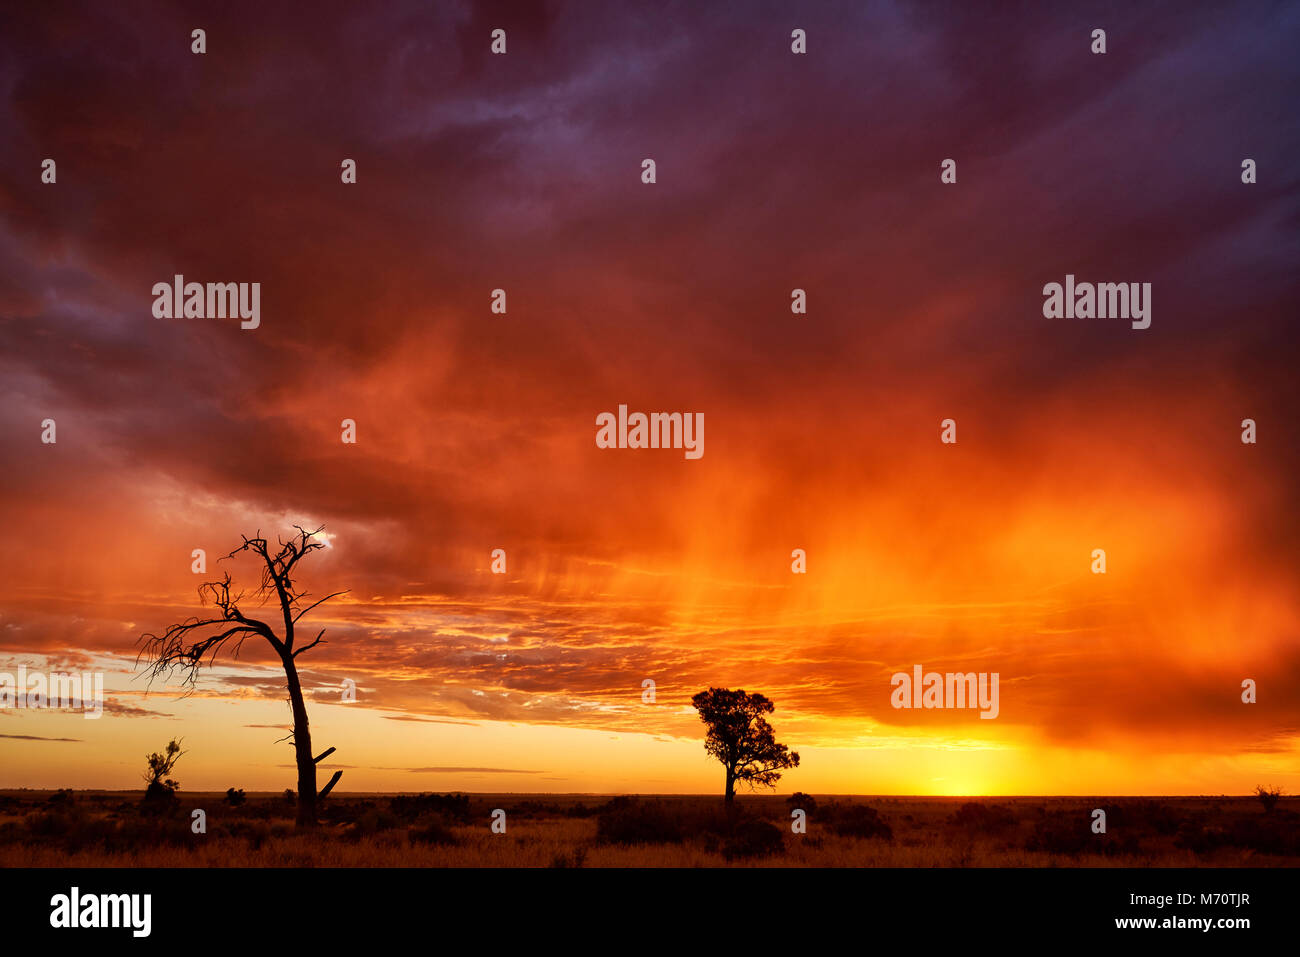 Flanke von Wetter System über North Western Victoria bei Sonnenuntergang. Stockbild